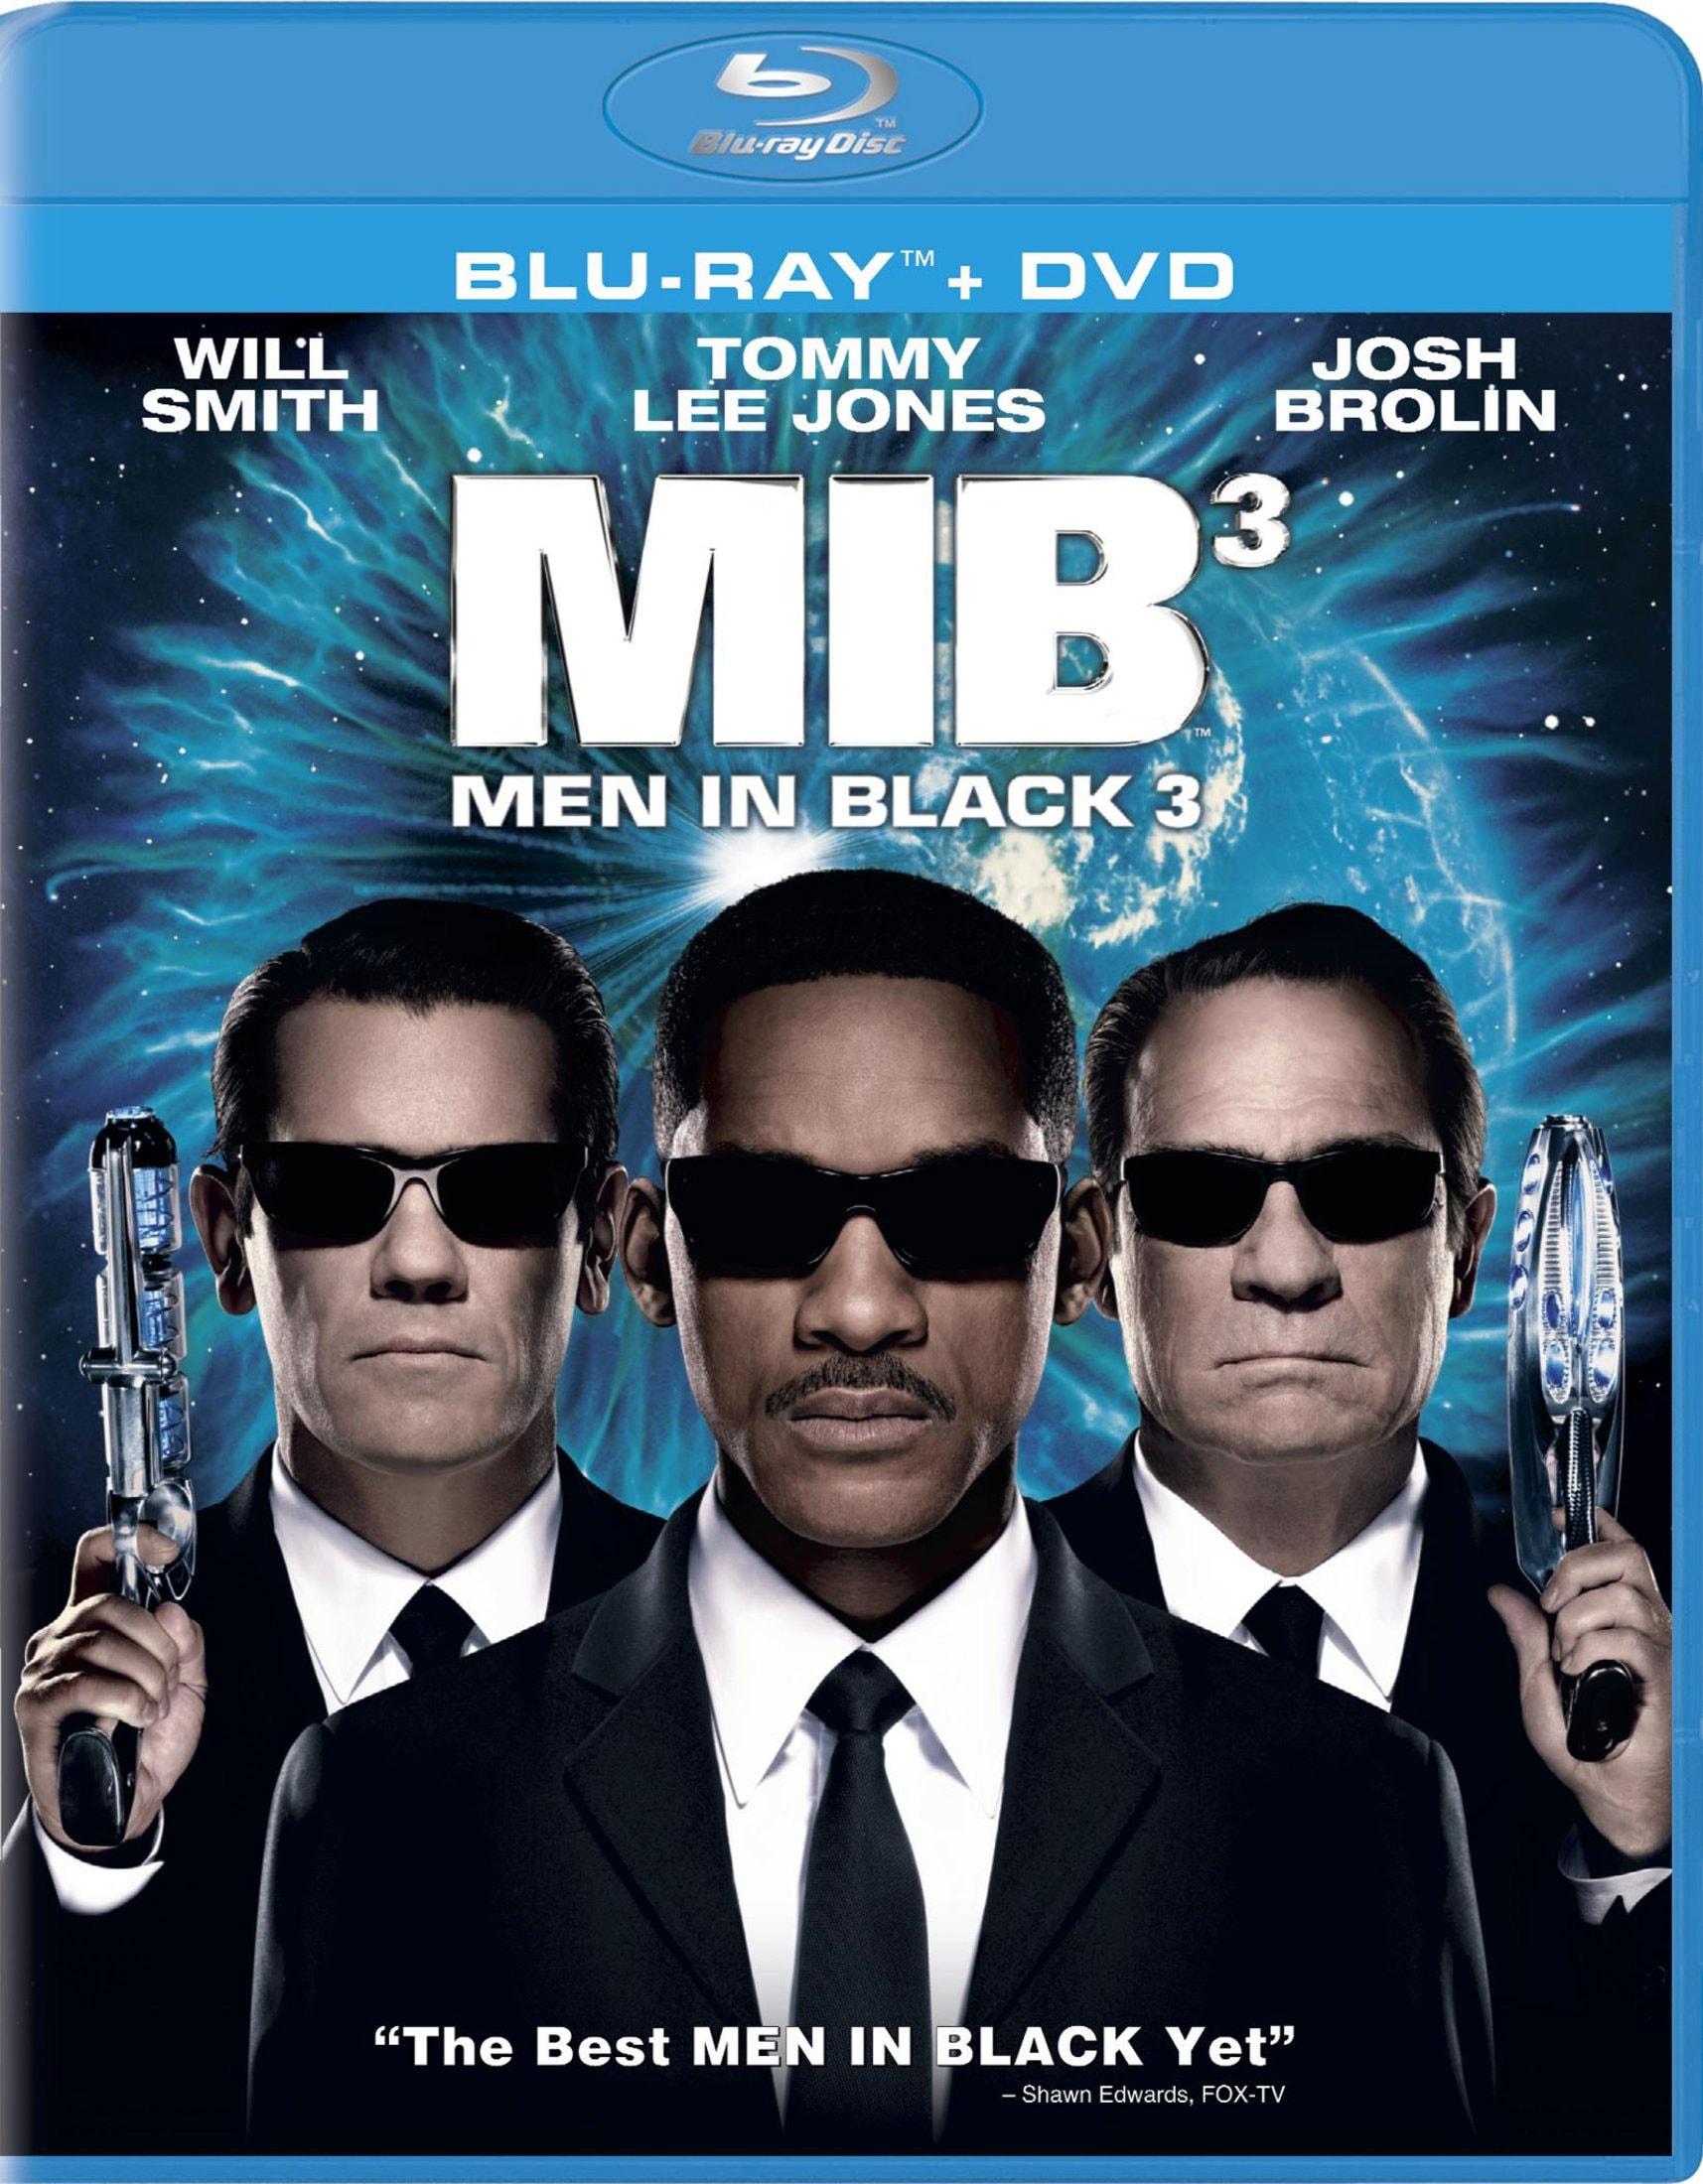 Men in Black 3 (Blu-ray/DVD)